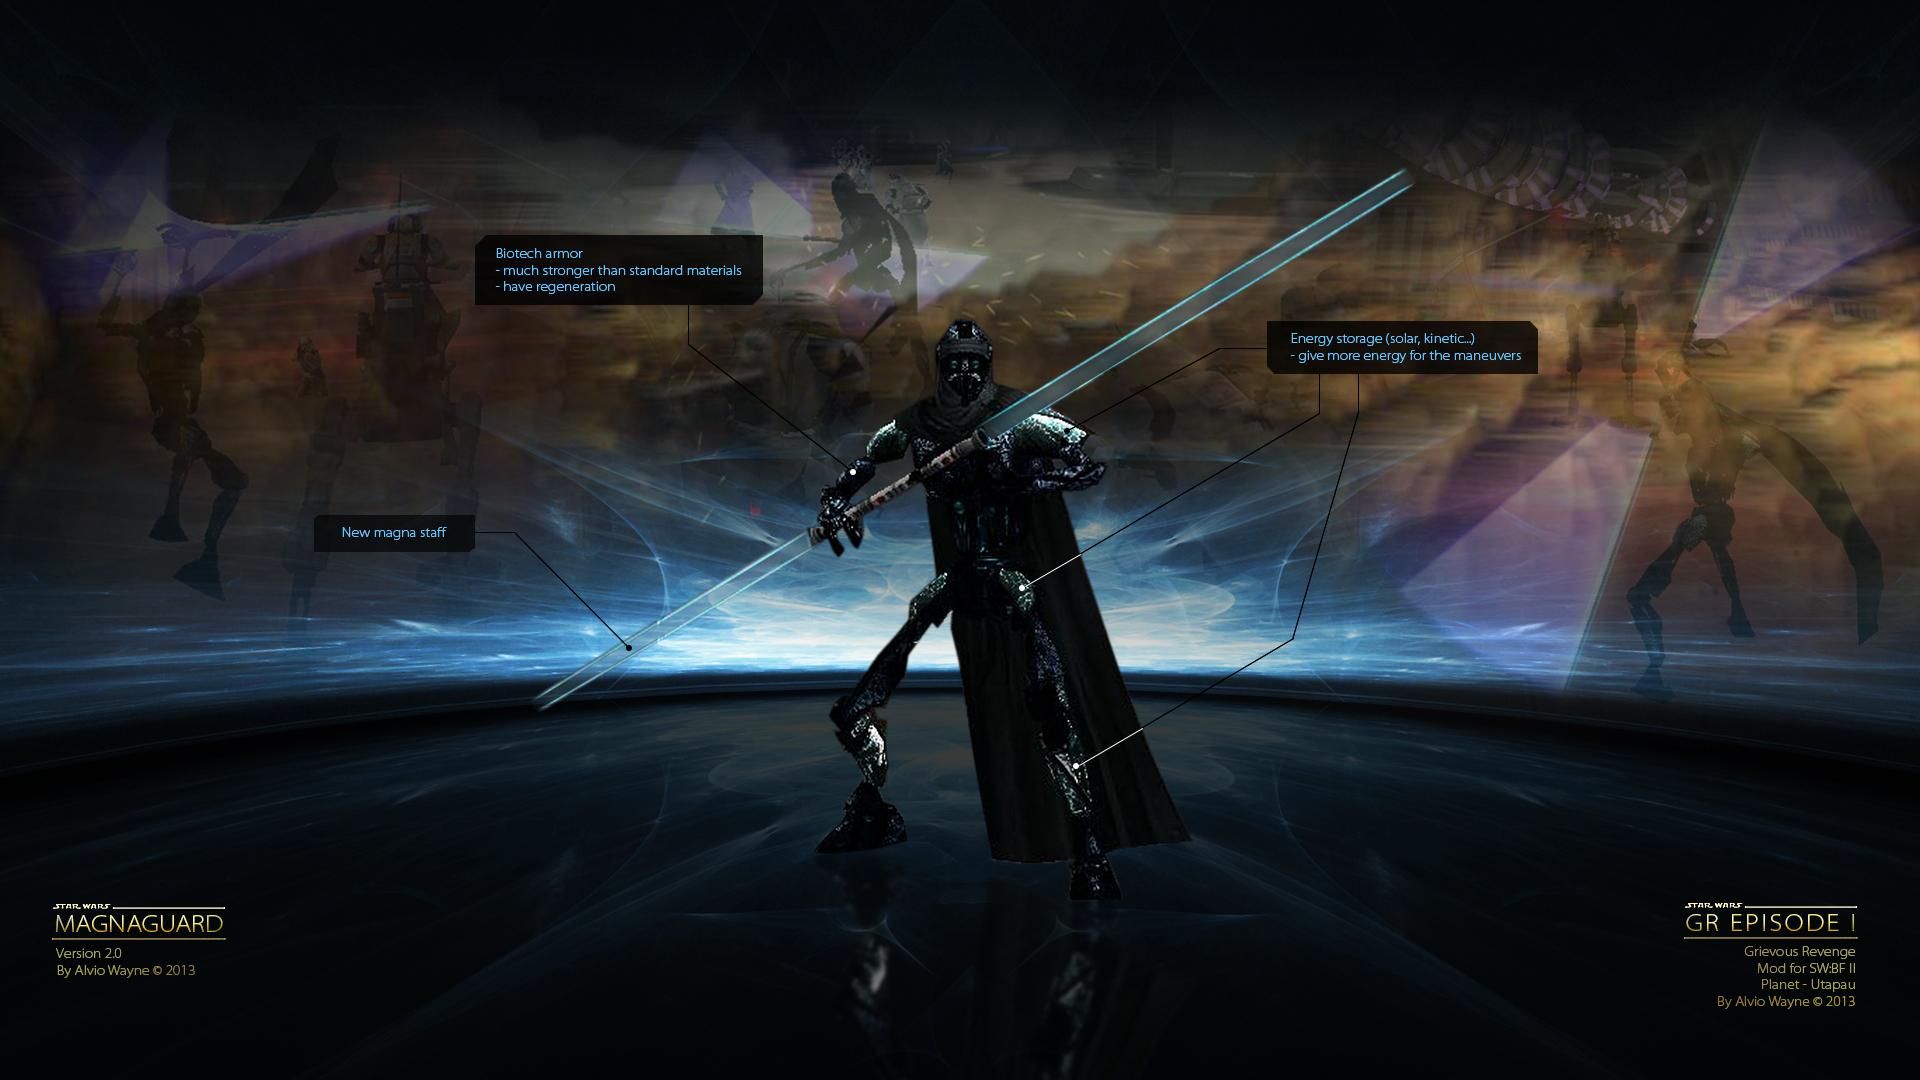 Heroes Evolved Hd Wallpaper Magnaguard V2 0 Alpha Image Grievous Revenge Mod For